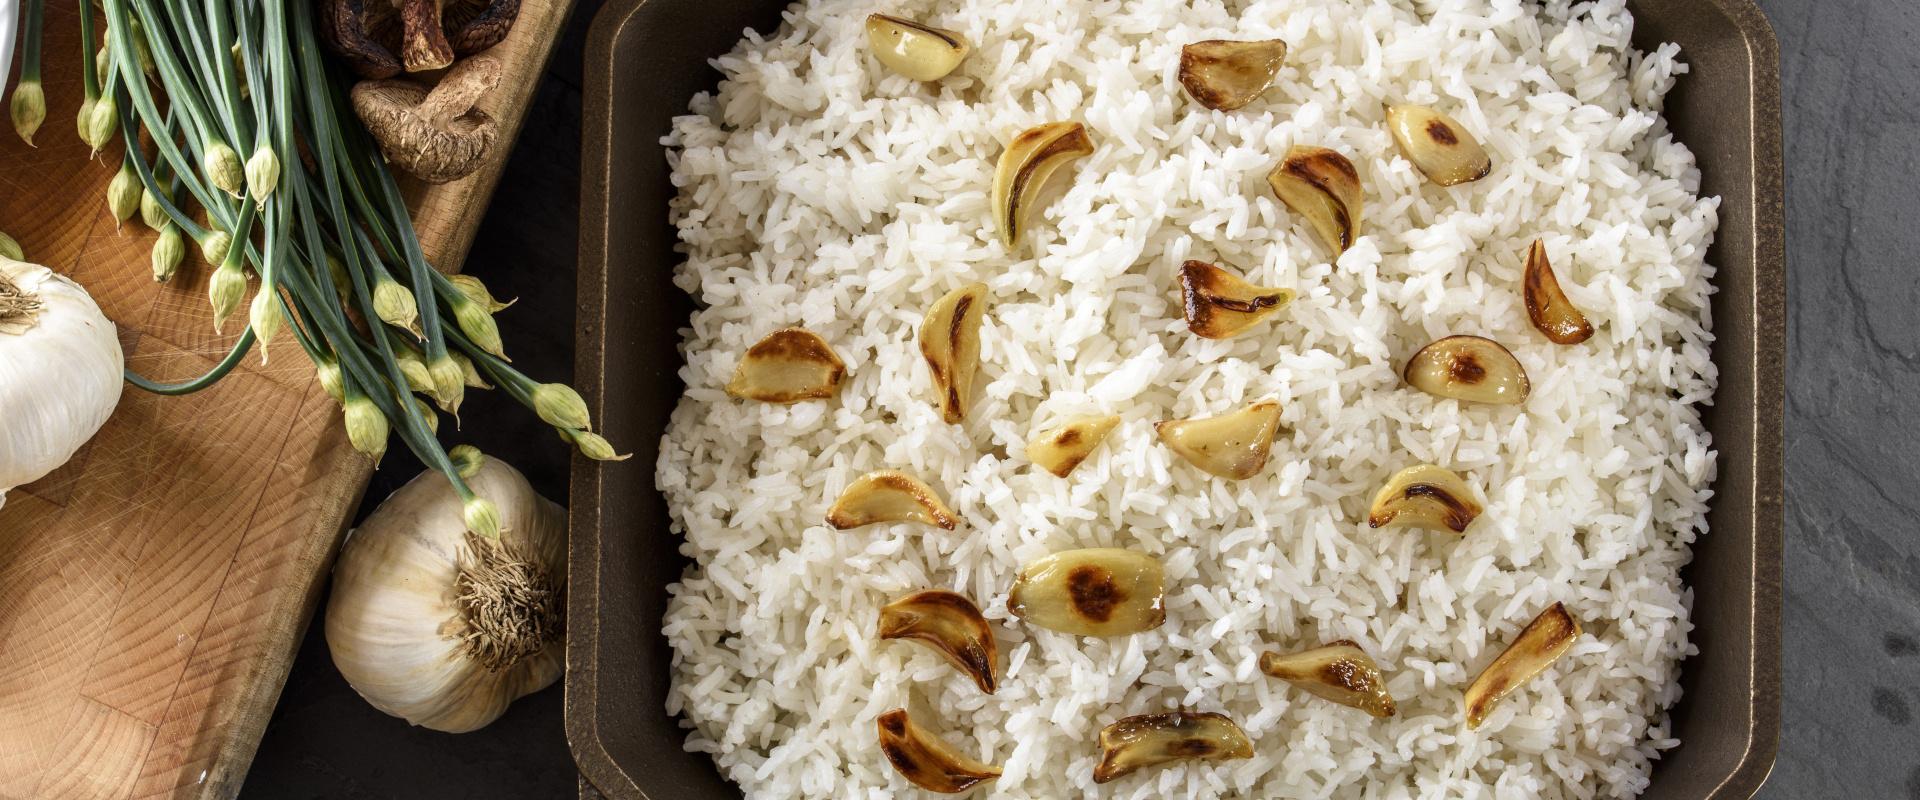 sült fokhagymás rizs cover